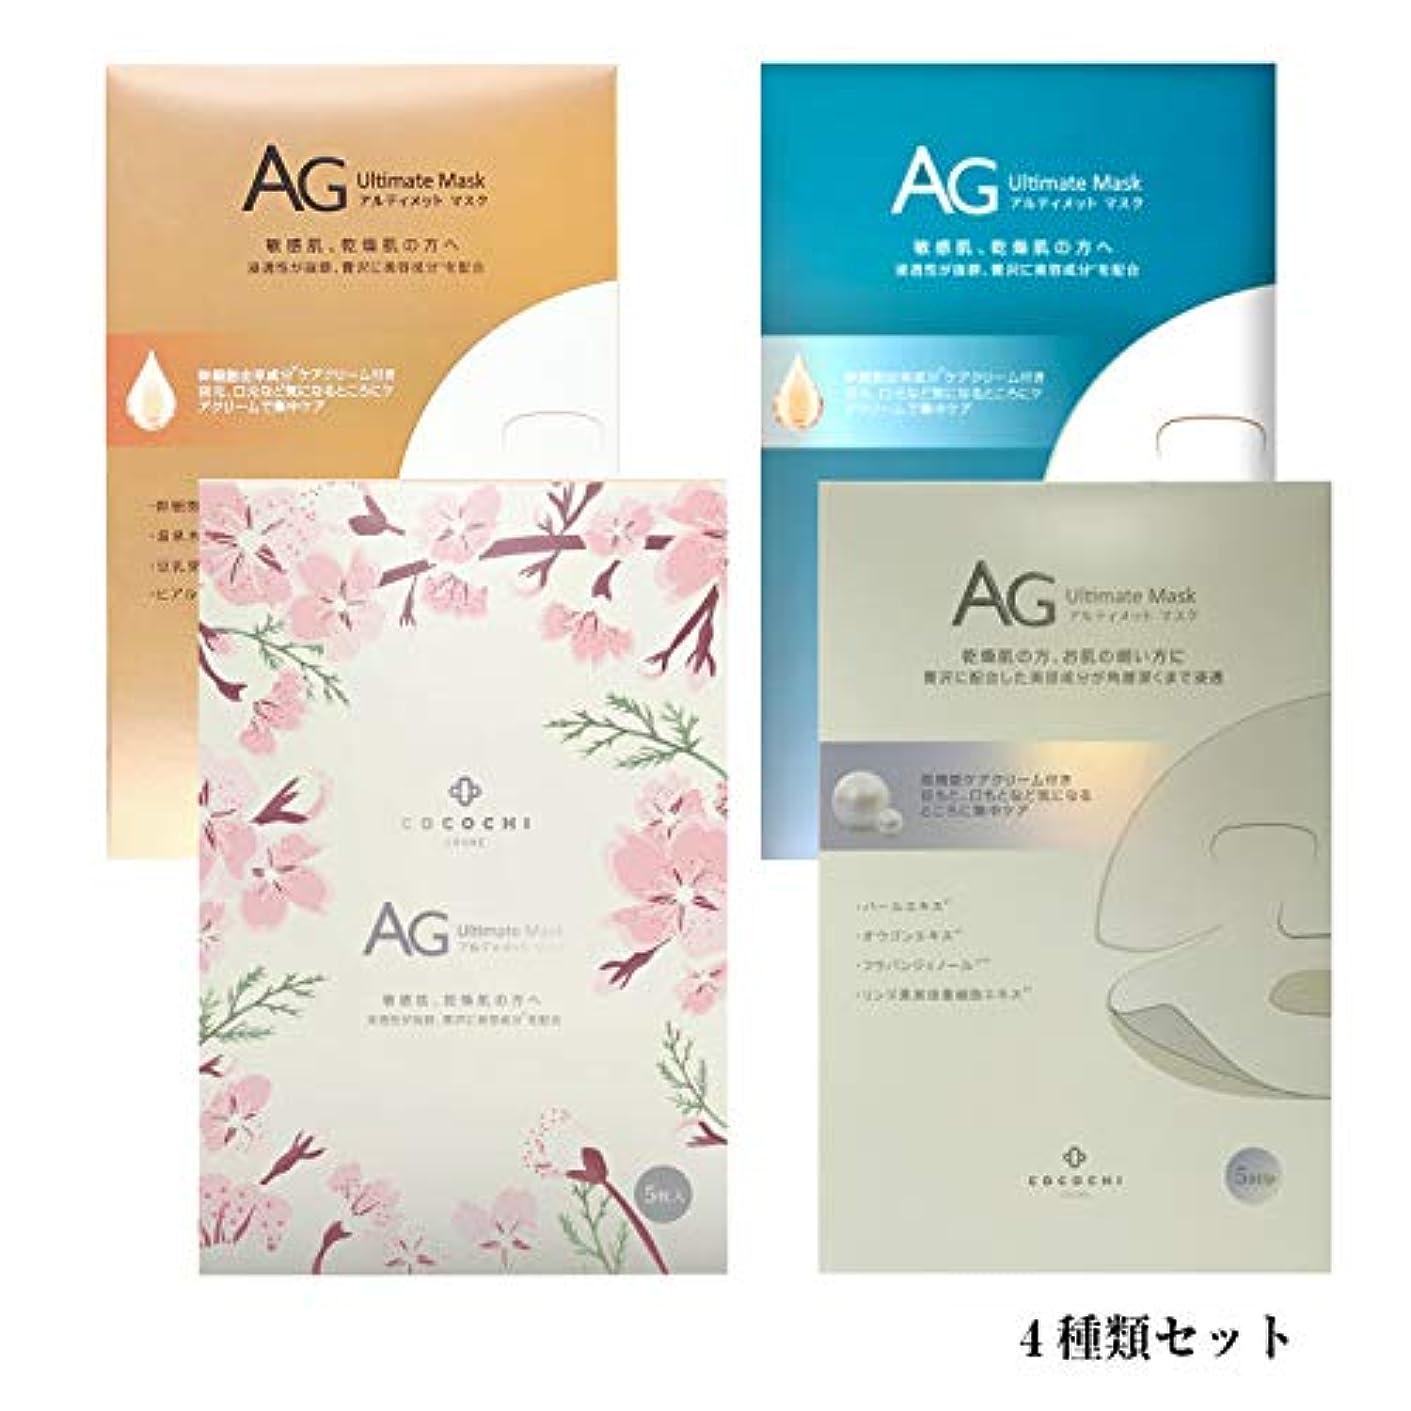 場合目に見えるバーストAGアルティメットマスク 4種類セット AG アルティメットマスク/オーシャンマスク/さくら/アコヤ真珠マスク